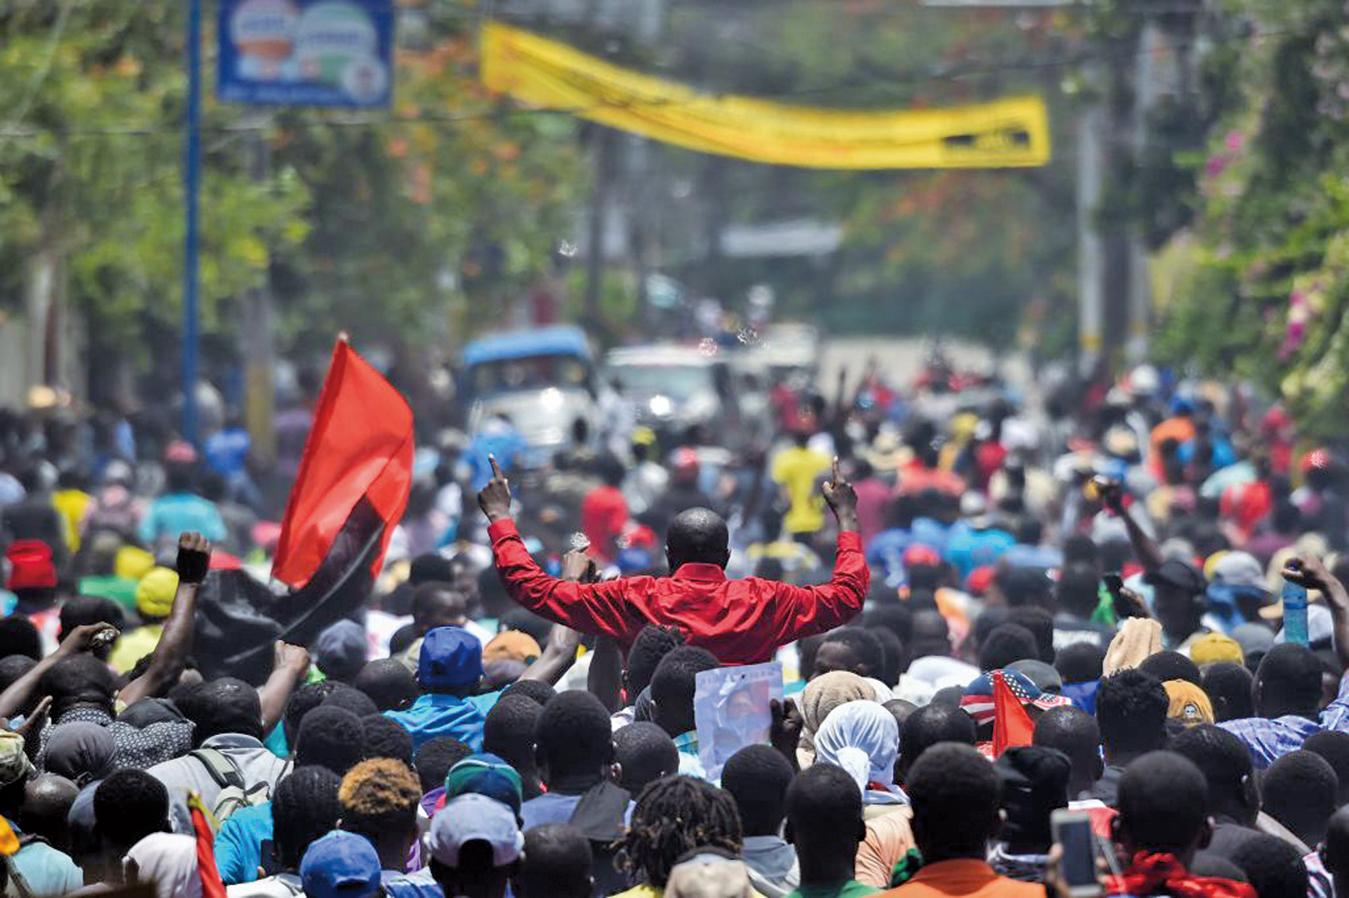 數以千計示威者走上海地首都太子港街頭遊行,要求總統摩依士為涉嫌侵吞公款下台。(AFP)